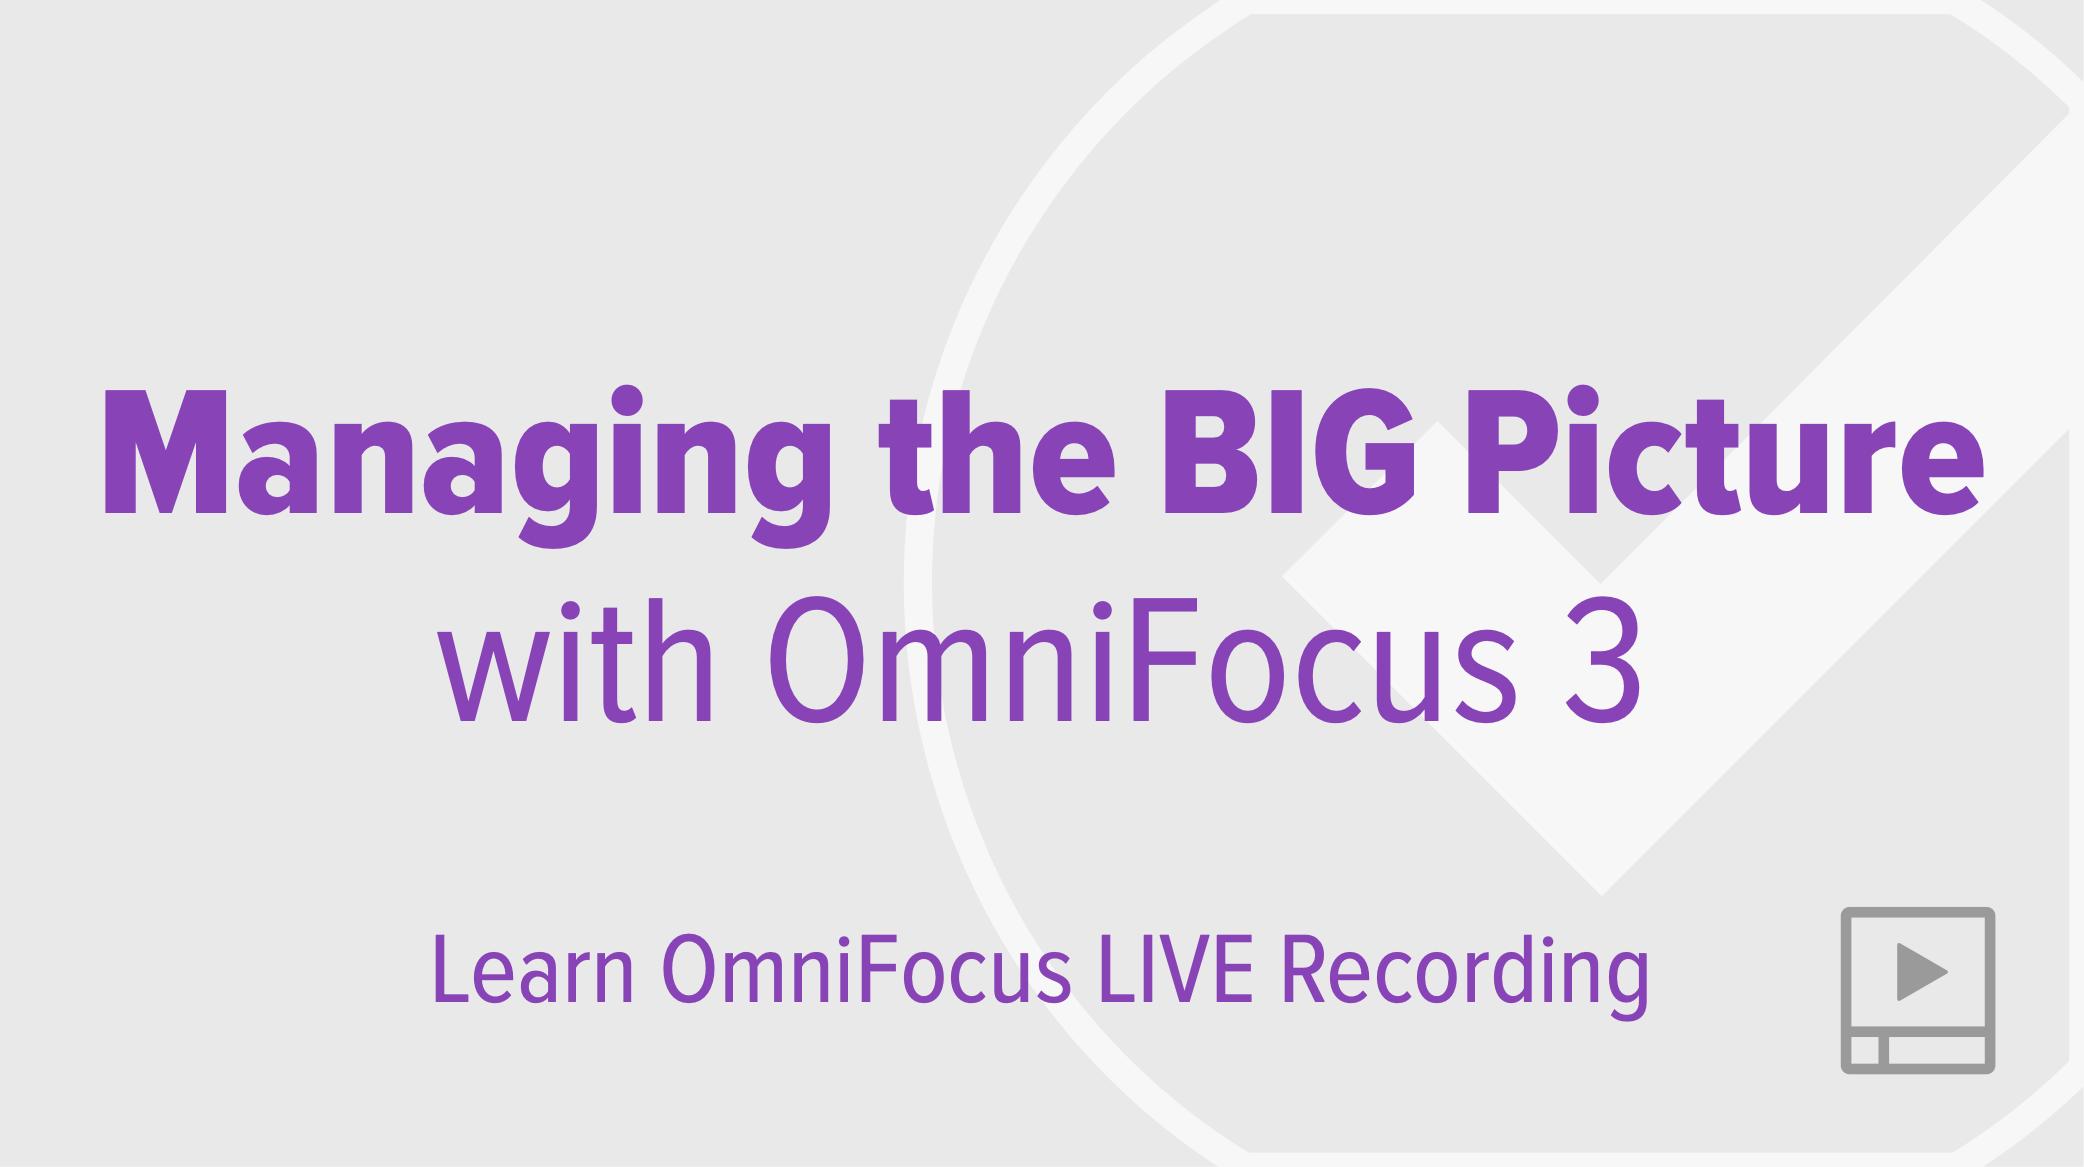 Managing the BIG Picture with OmniFocus 3